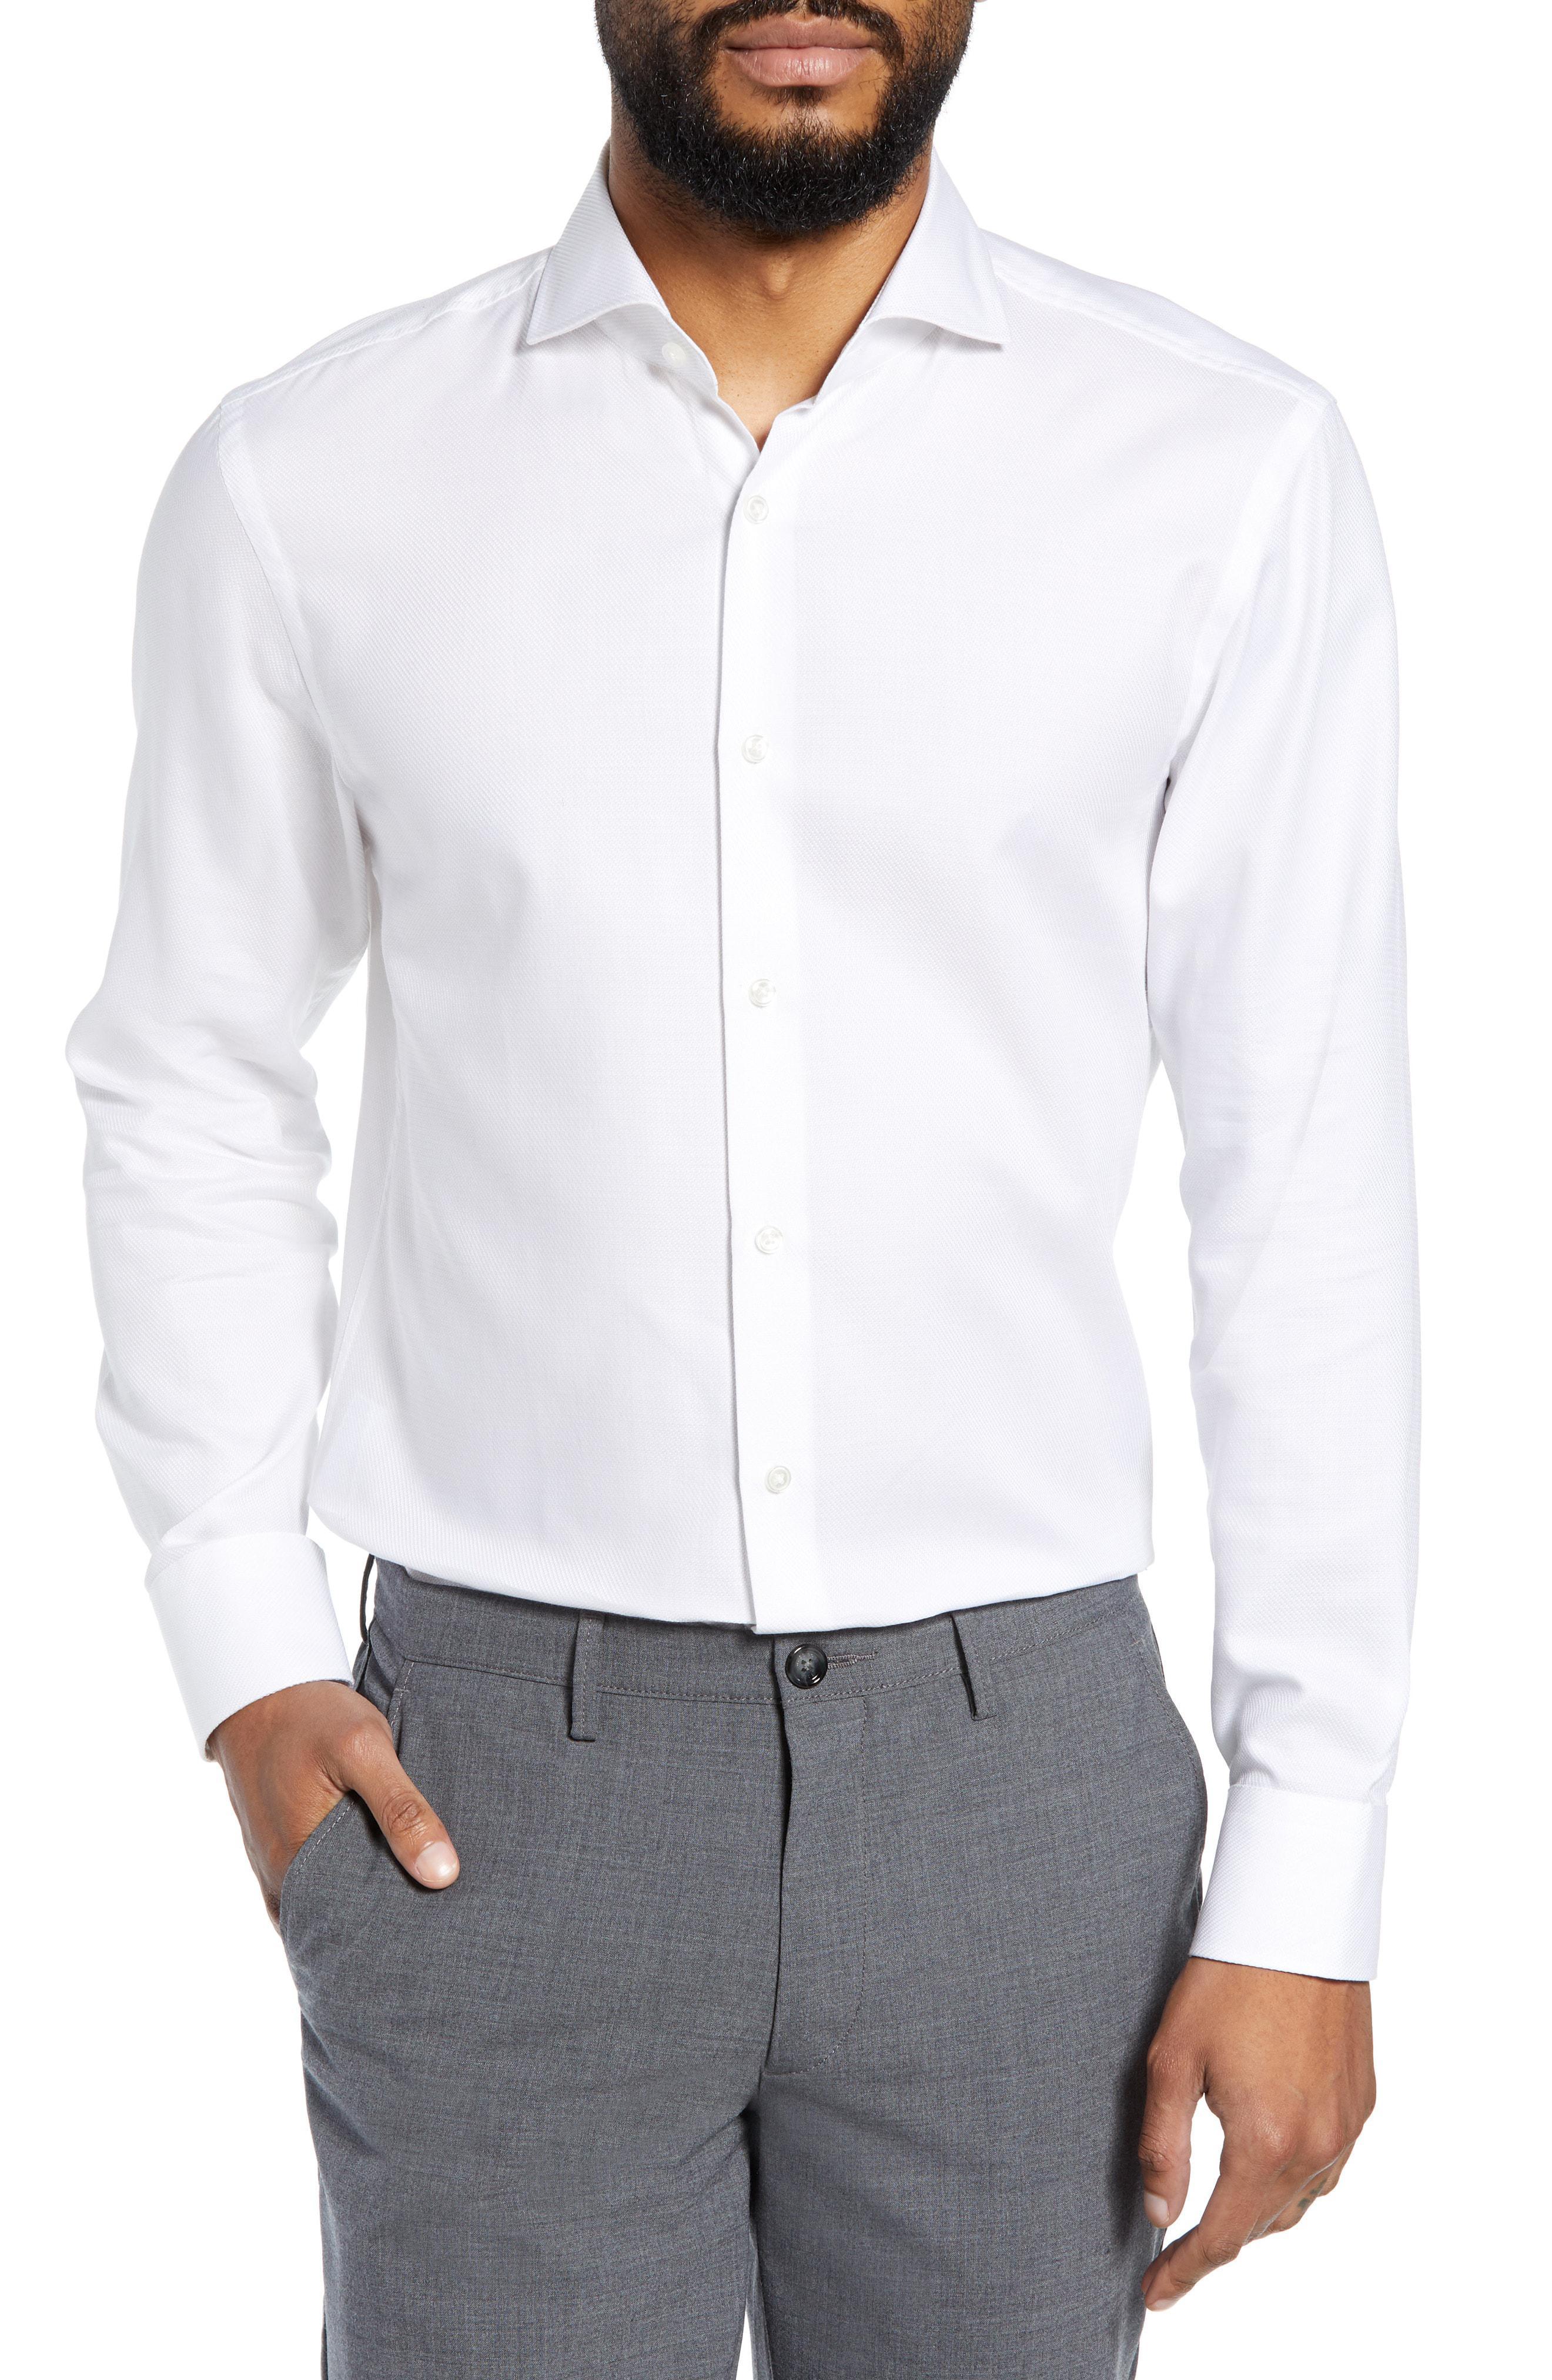 c27b6e2d3 Lyst - BOSS Sharp Fit Dress Shirt in White for Men